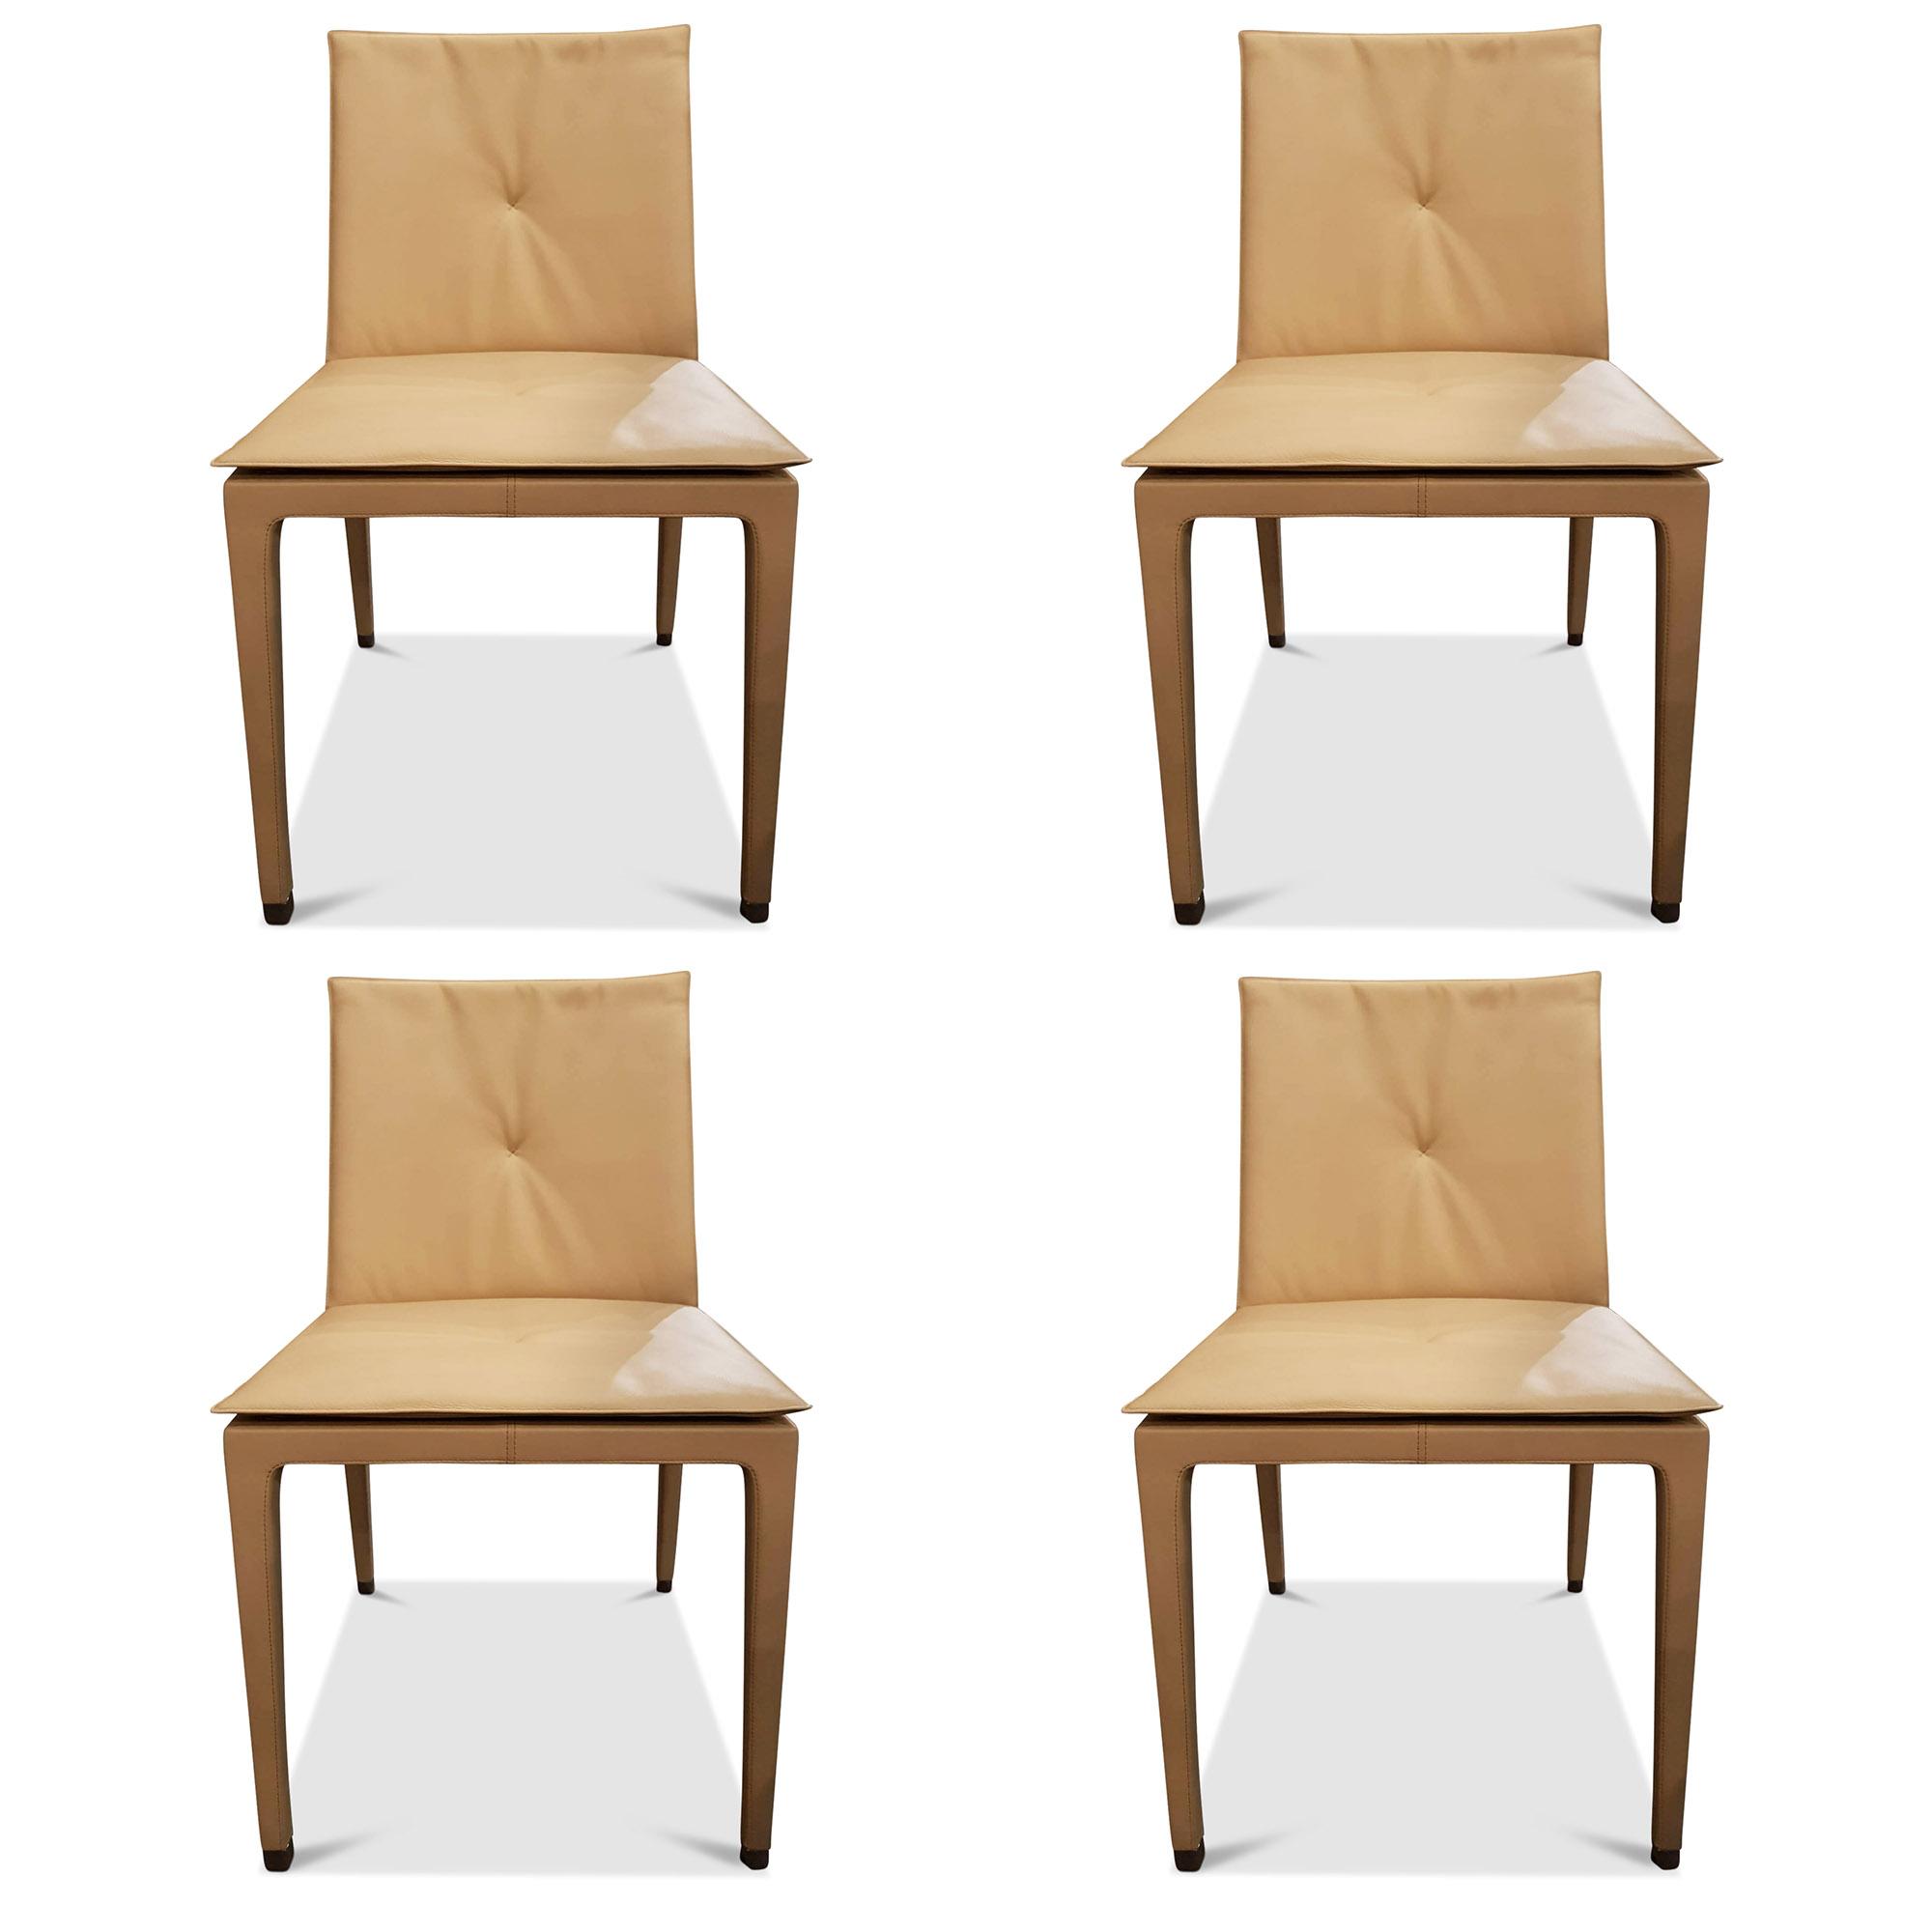 poltrona frau ausstellungsst cke angebote online g nstig kaufen m belfirst. Black Bedroom Furniture Sets. Home Design Ideas